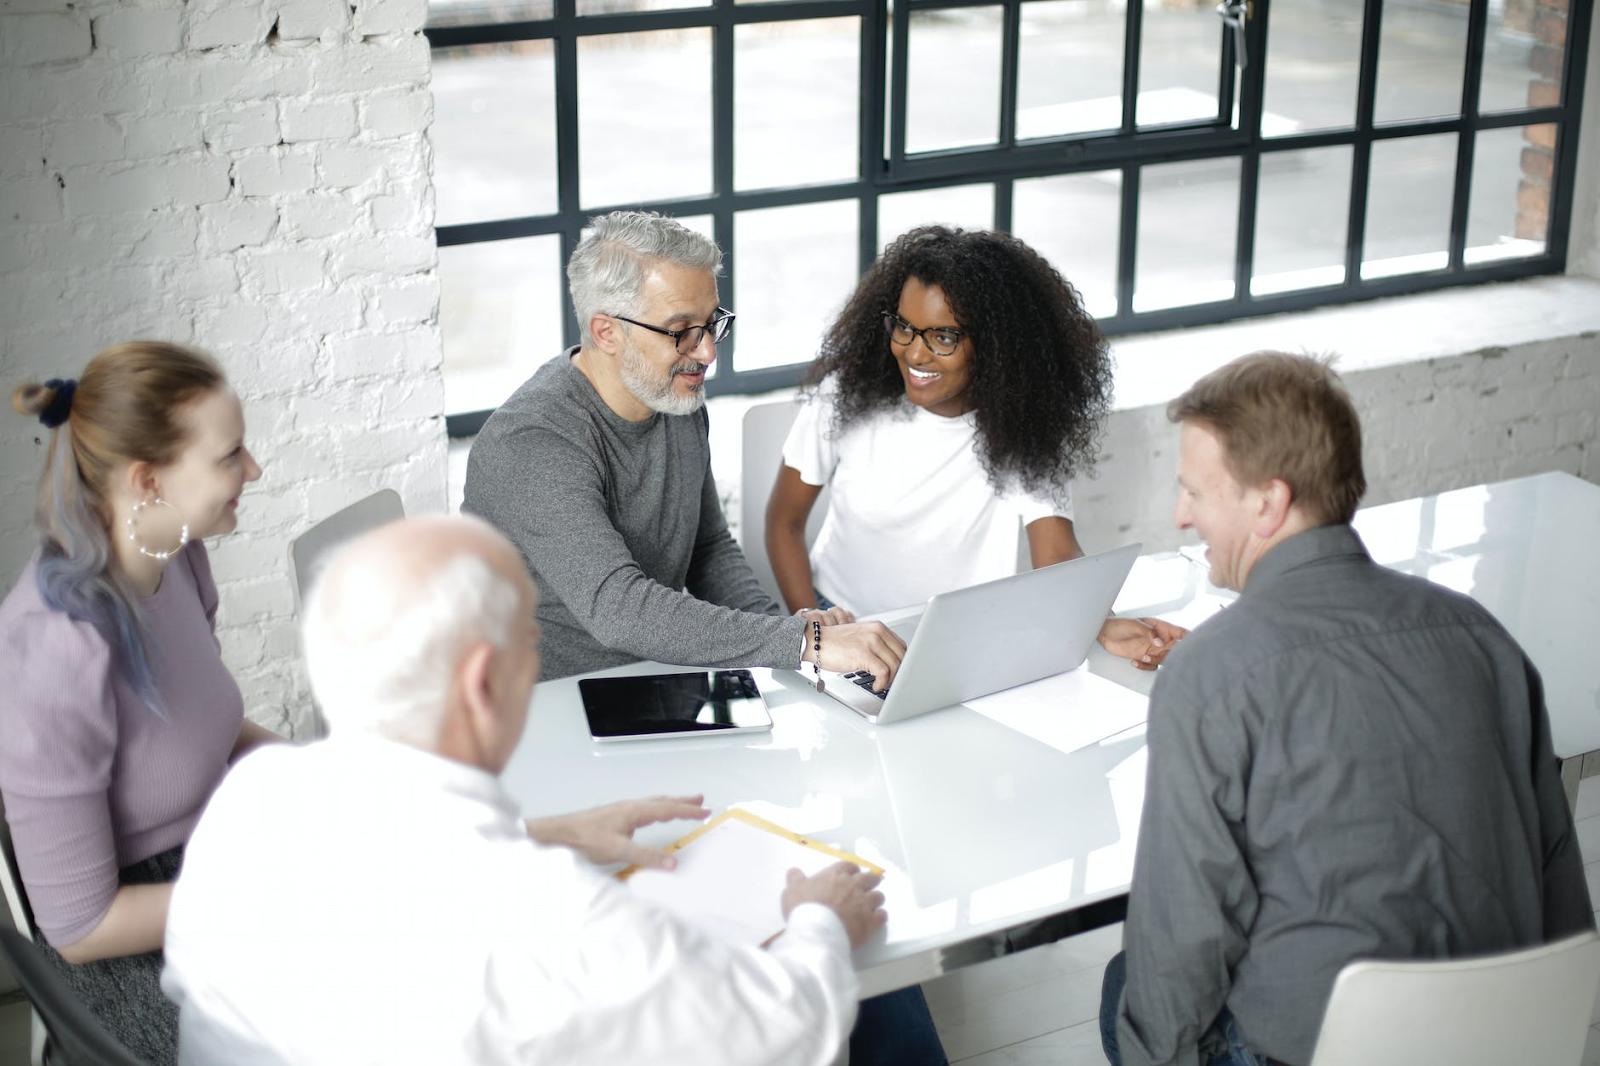 Kinh nghiệm quản lý thông tin khách hàng hiệu quả